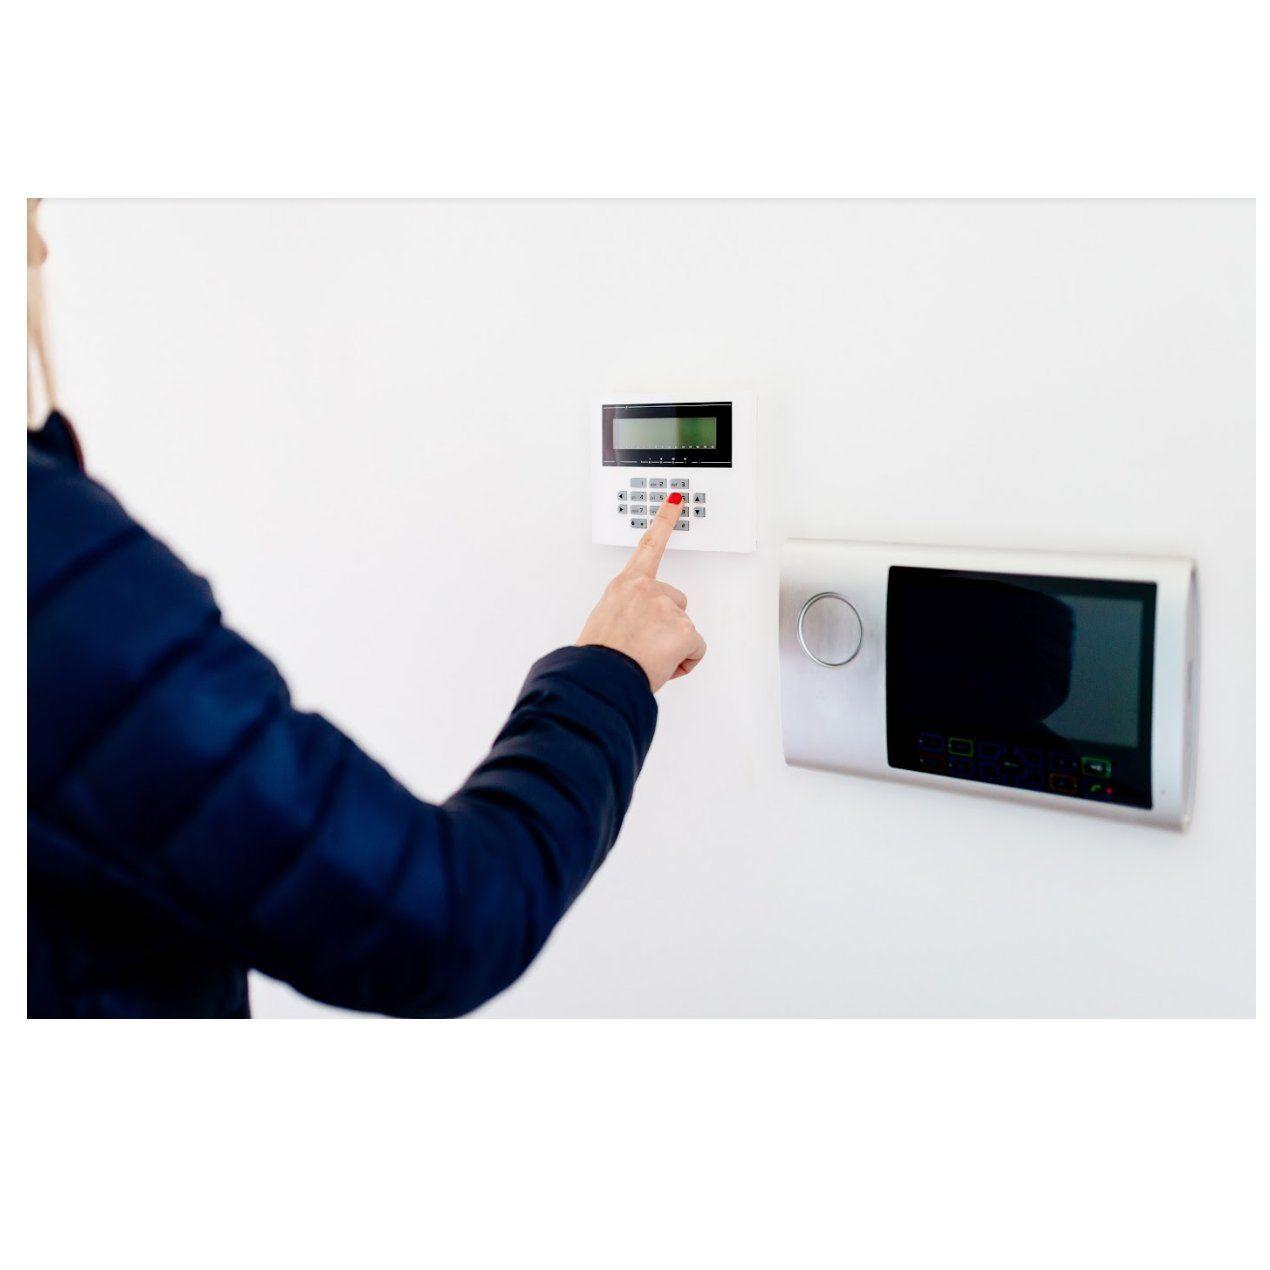 Instalación de alarmas: Servicios de Informática Tauste